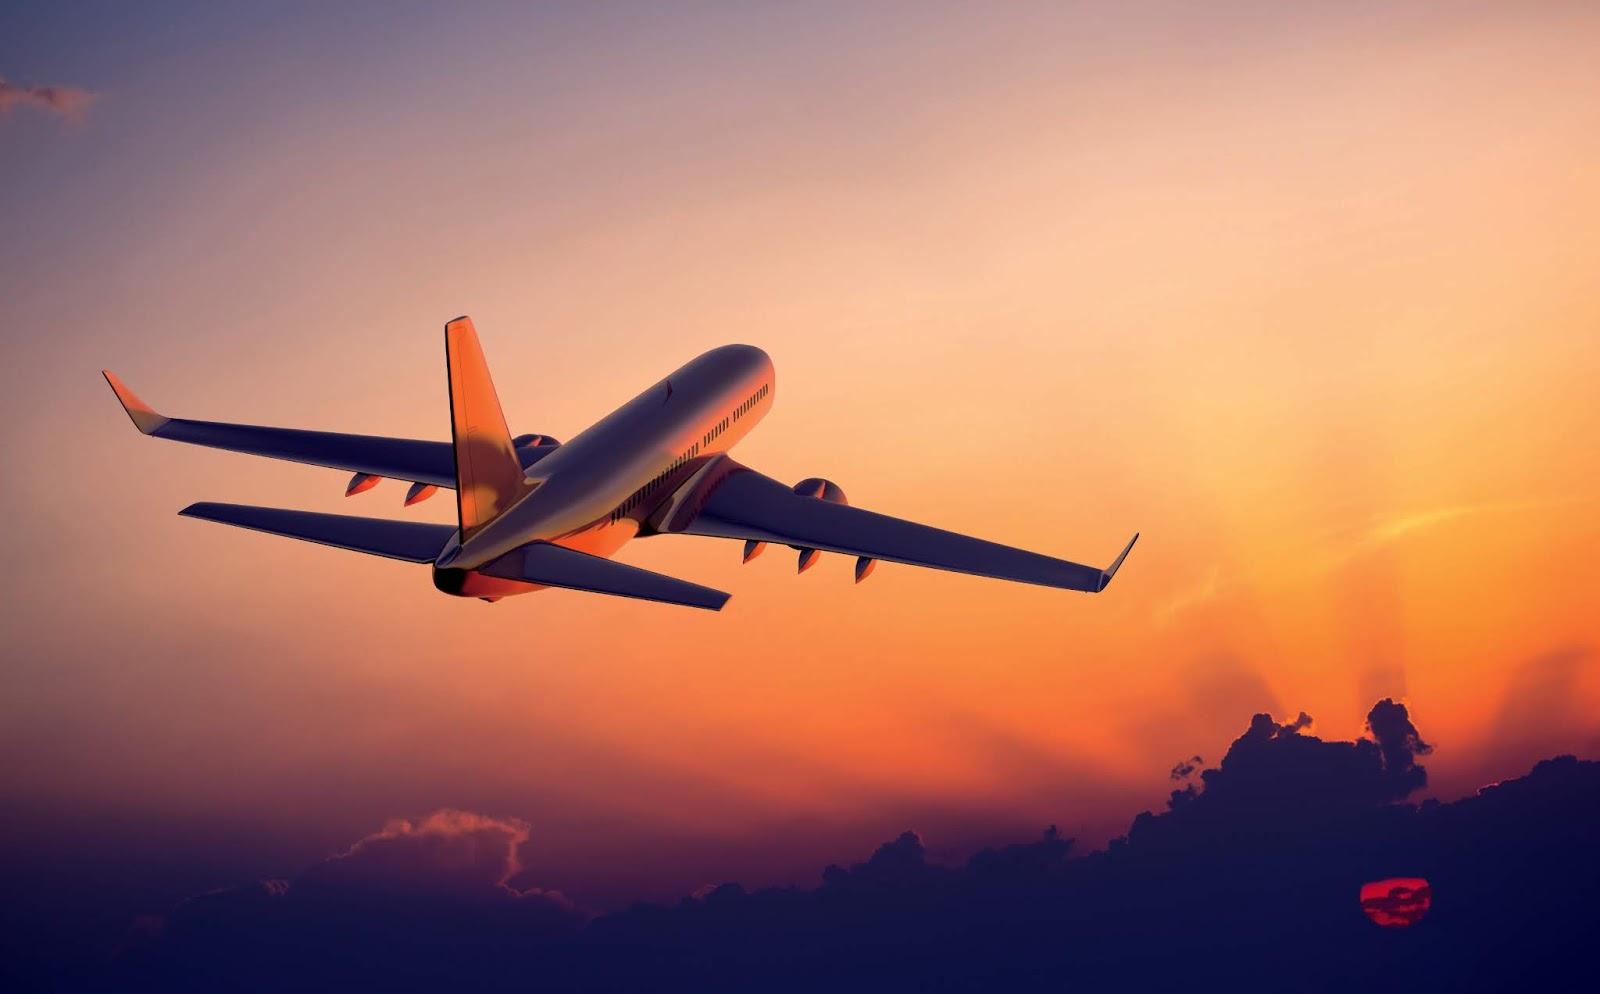 Airplane, Aircraft, Air Travel, 4K, World